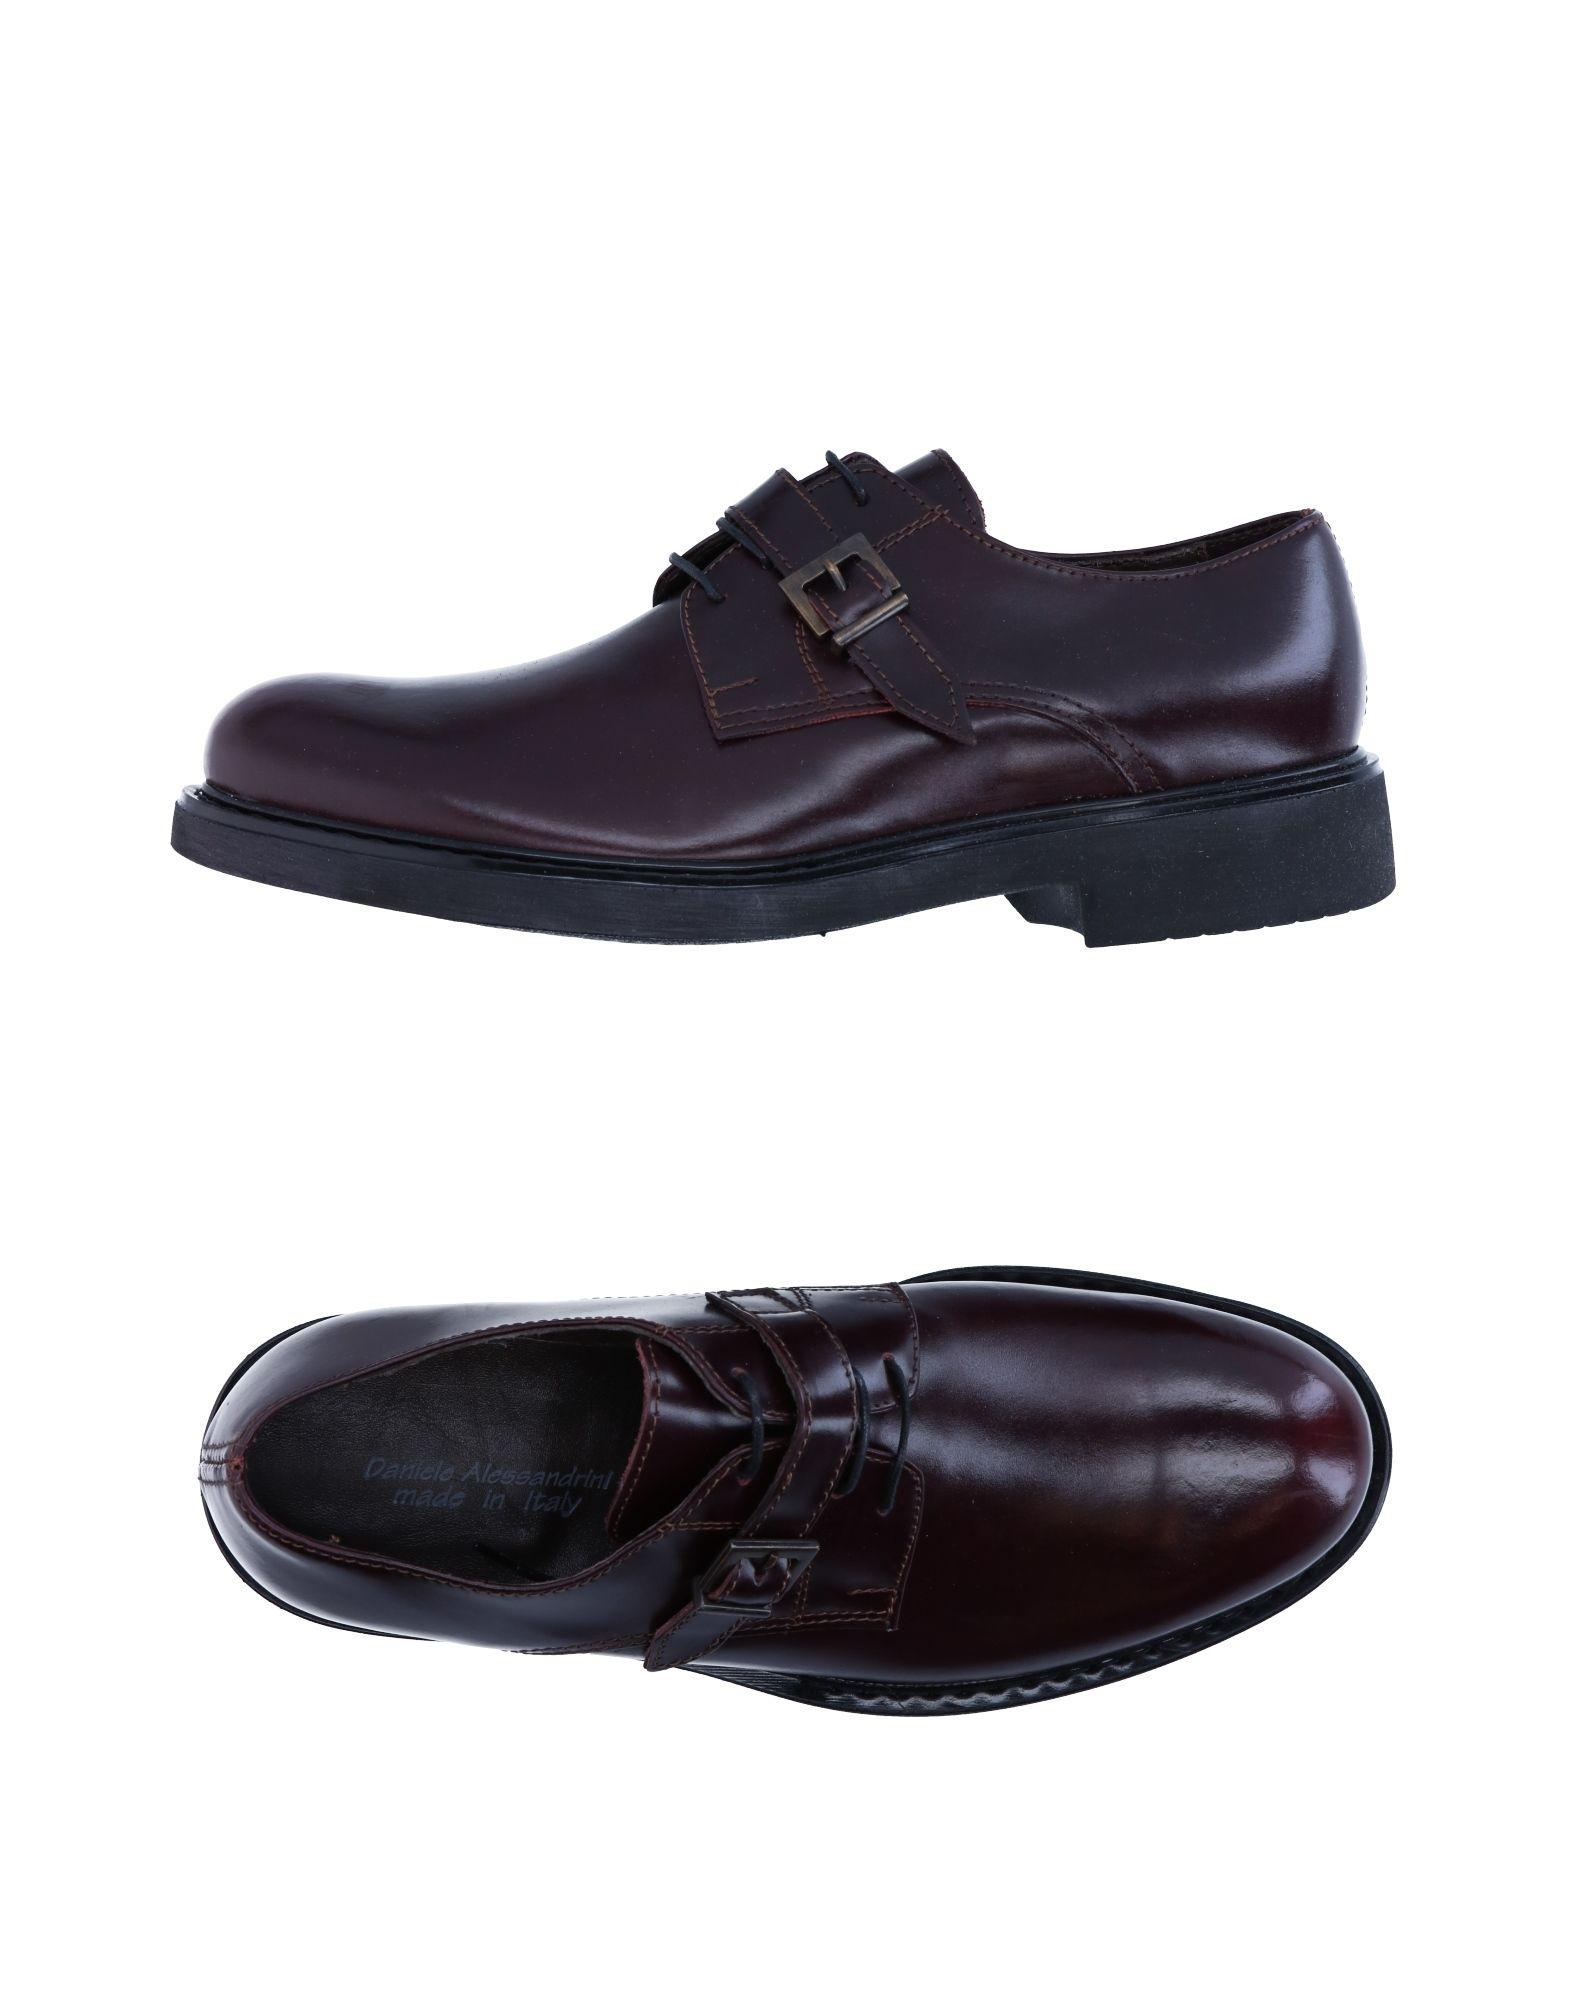 DANIELE ALESSANDRINI Обувь на шнурках первый внутри обувь обувь обувь обувь обувь обувь обувь обувь обувь 8a2549 мужская армия green 40 метров